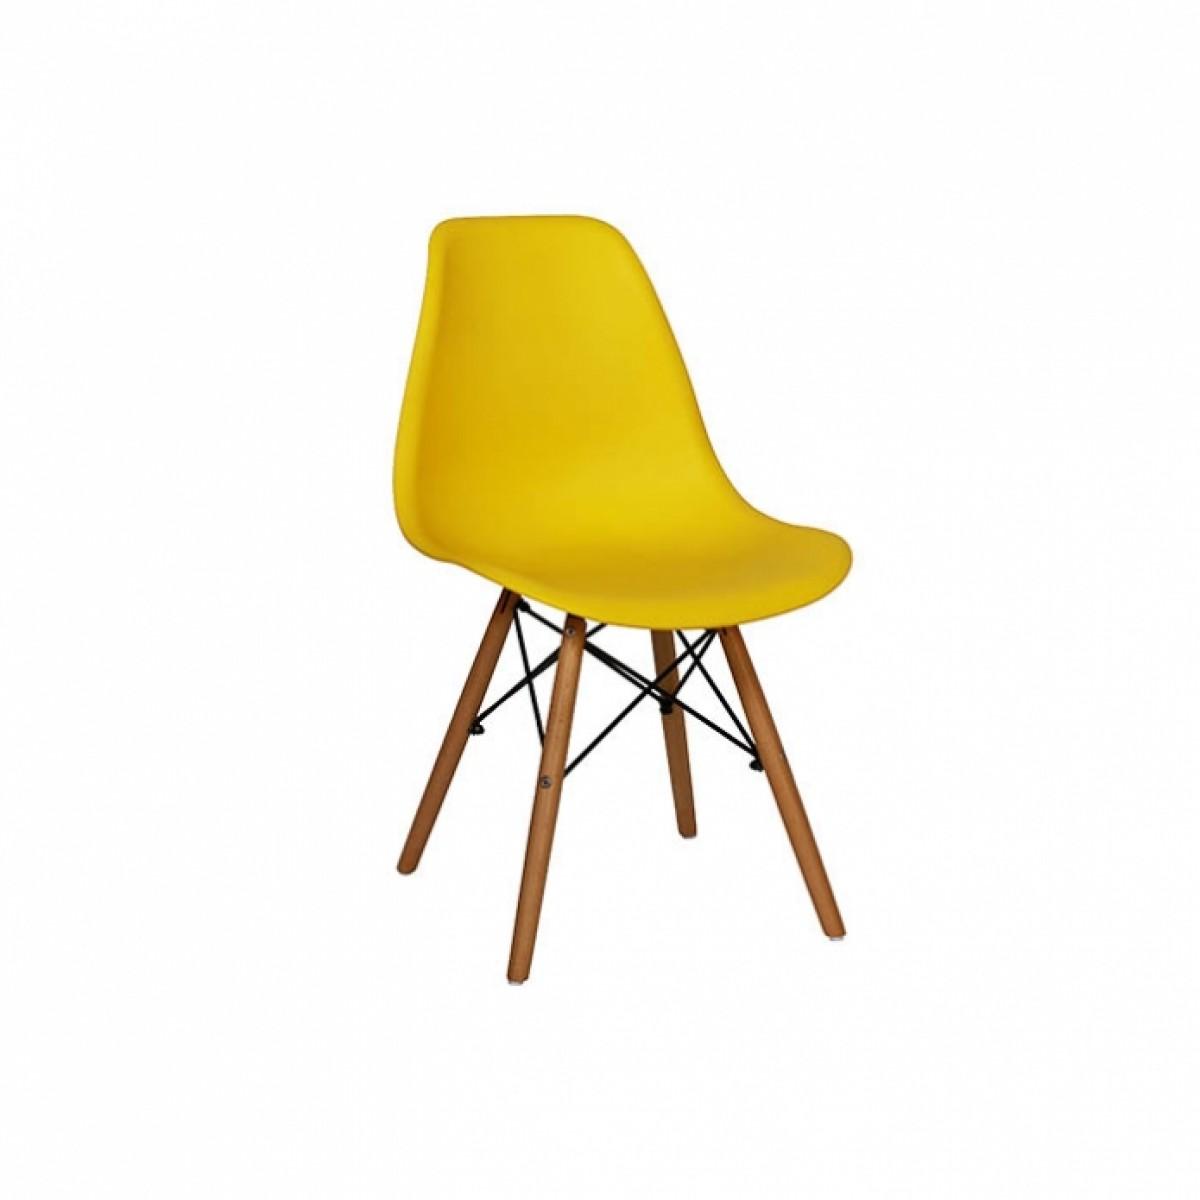 Ghế bành ghế tựa kiểu mới